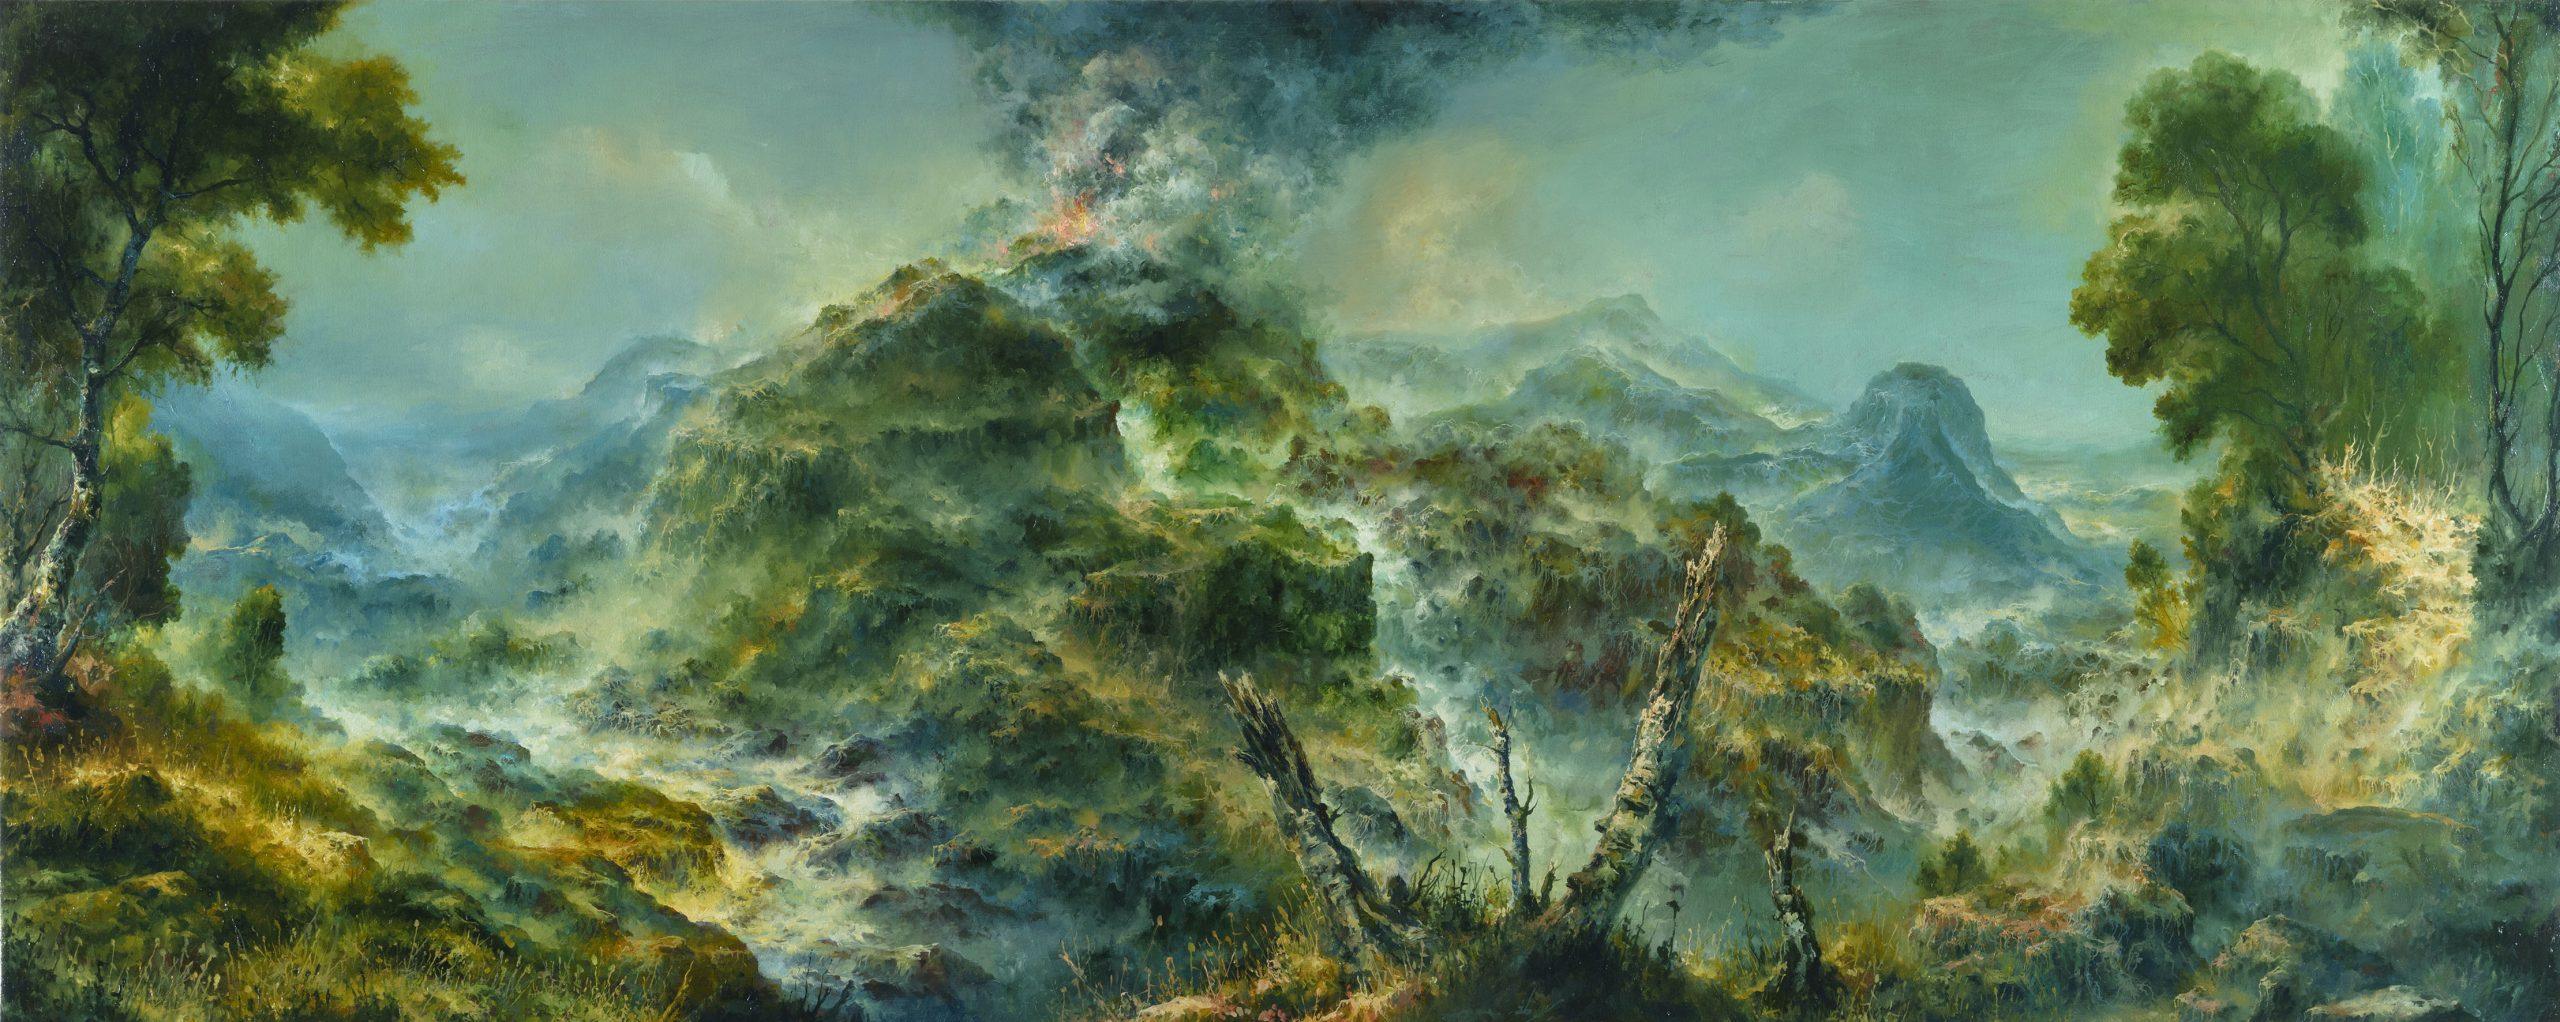 Petri Ala-Maunus, Etna, 2020. Öljy kankaalle 80 x 200. Valtion taidekokoelmat. Kuva Jefunne Gimpel